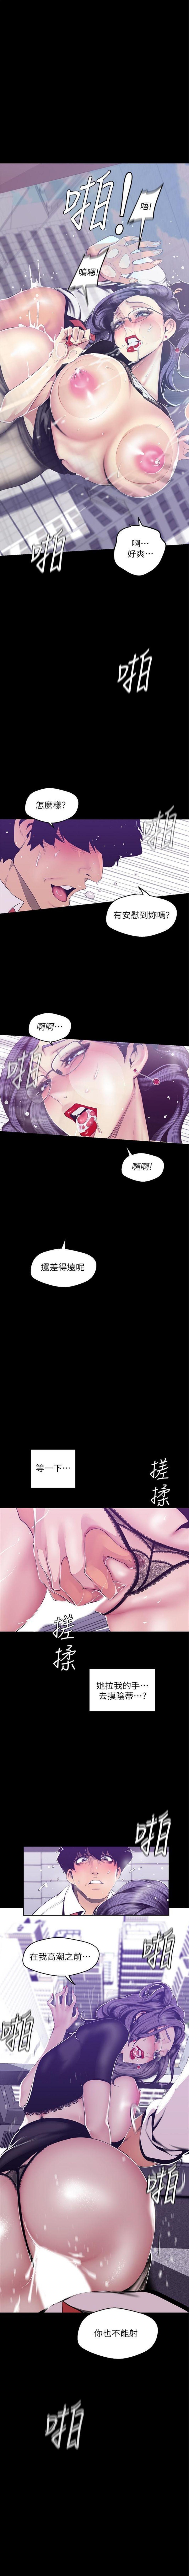 美麗新世界 1-85 官方中文(連載中) 690